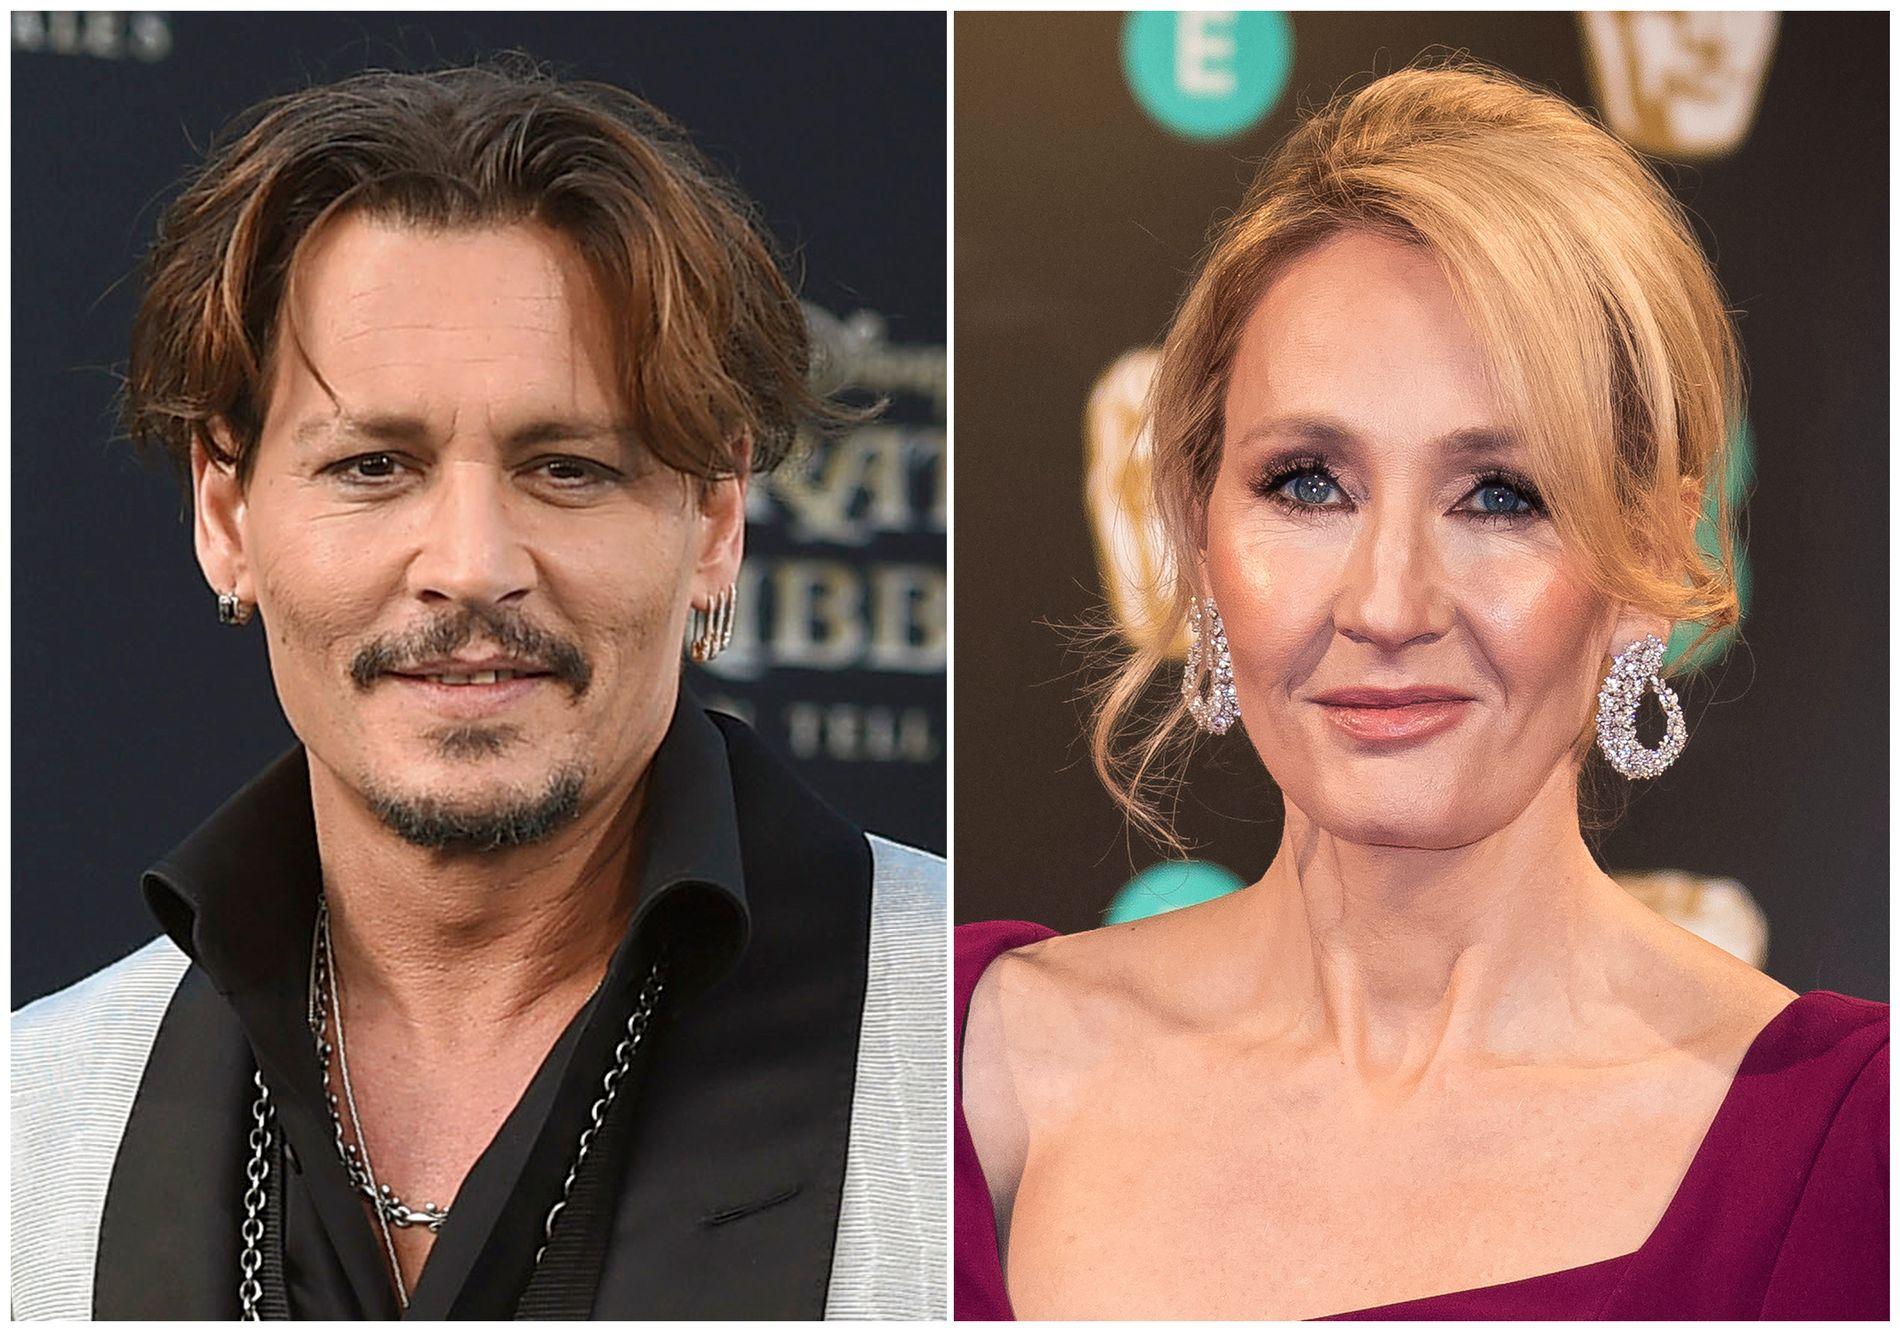 VANSKELIG VALG: J.K. Rowling sier nå at hun står fullt og helt bak beslutningen om å la Johnny Depp fortsette i rollen som som skurken Gellert Grindelwald i «Fantastic Beasts»-oppfølgeren som etter planen har premiere om ett år. – Men det var en vanskelig beslutning, sier den kjente forfatteren.